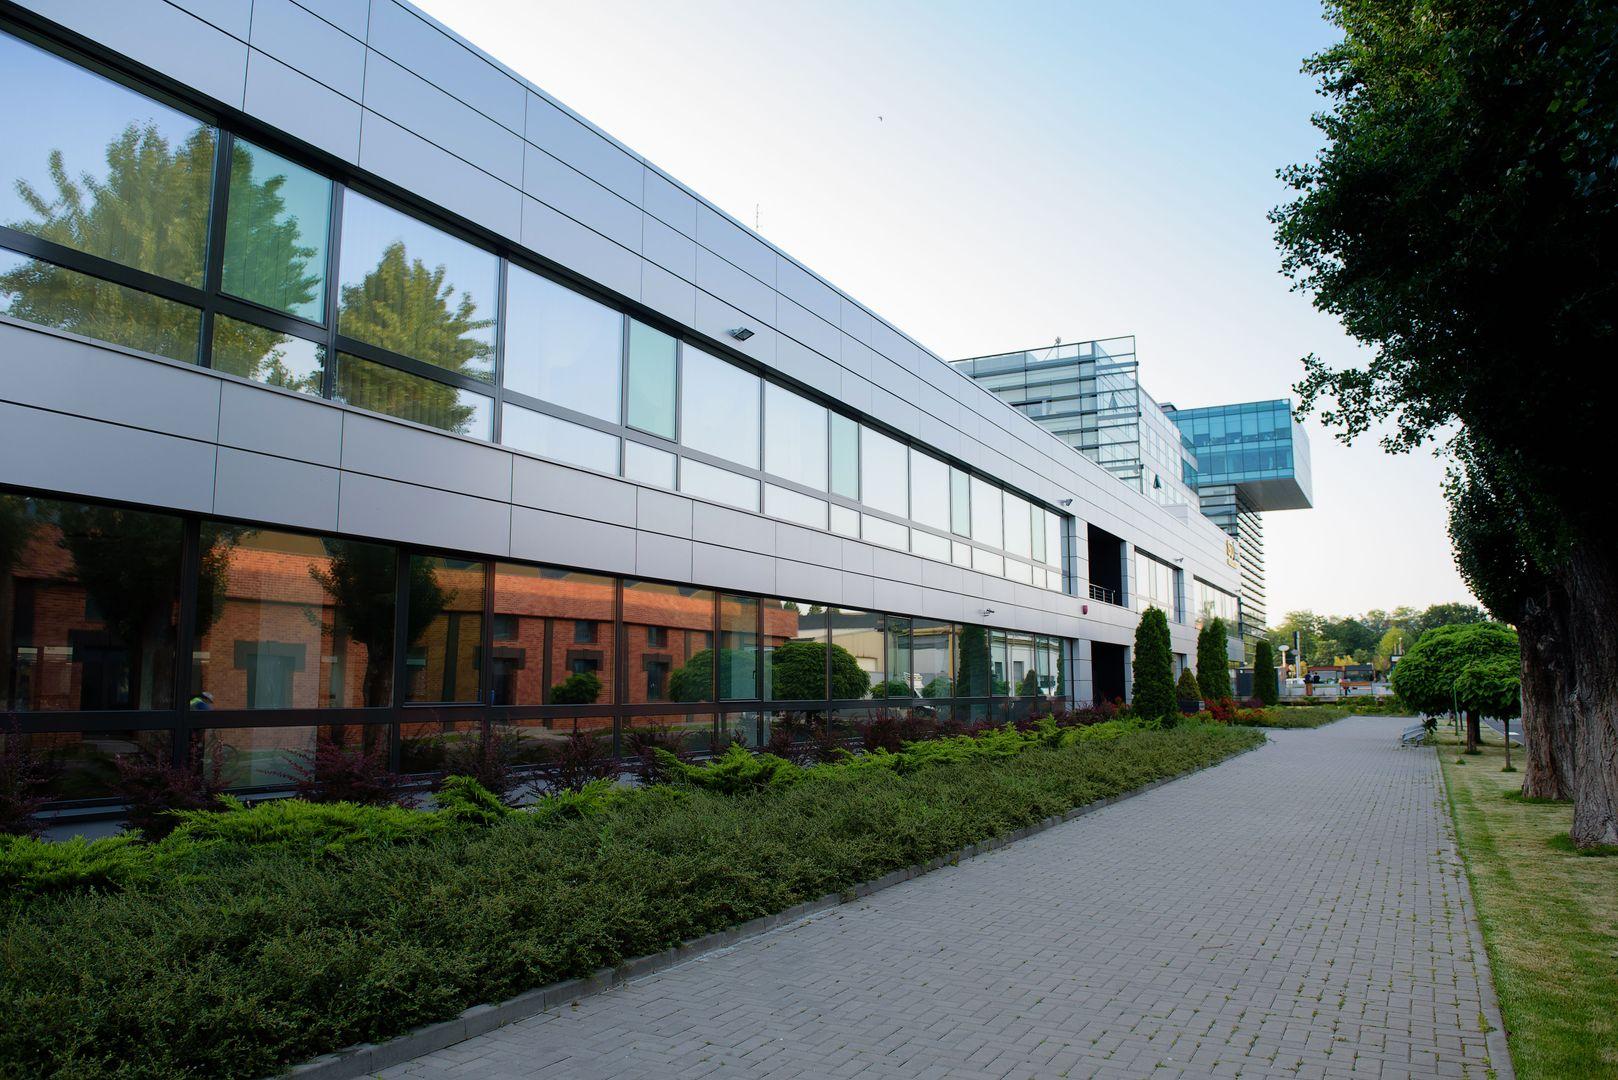 Berlin & Bruxelles Buildings-Sema Parc